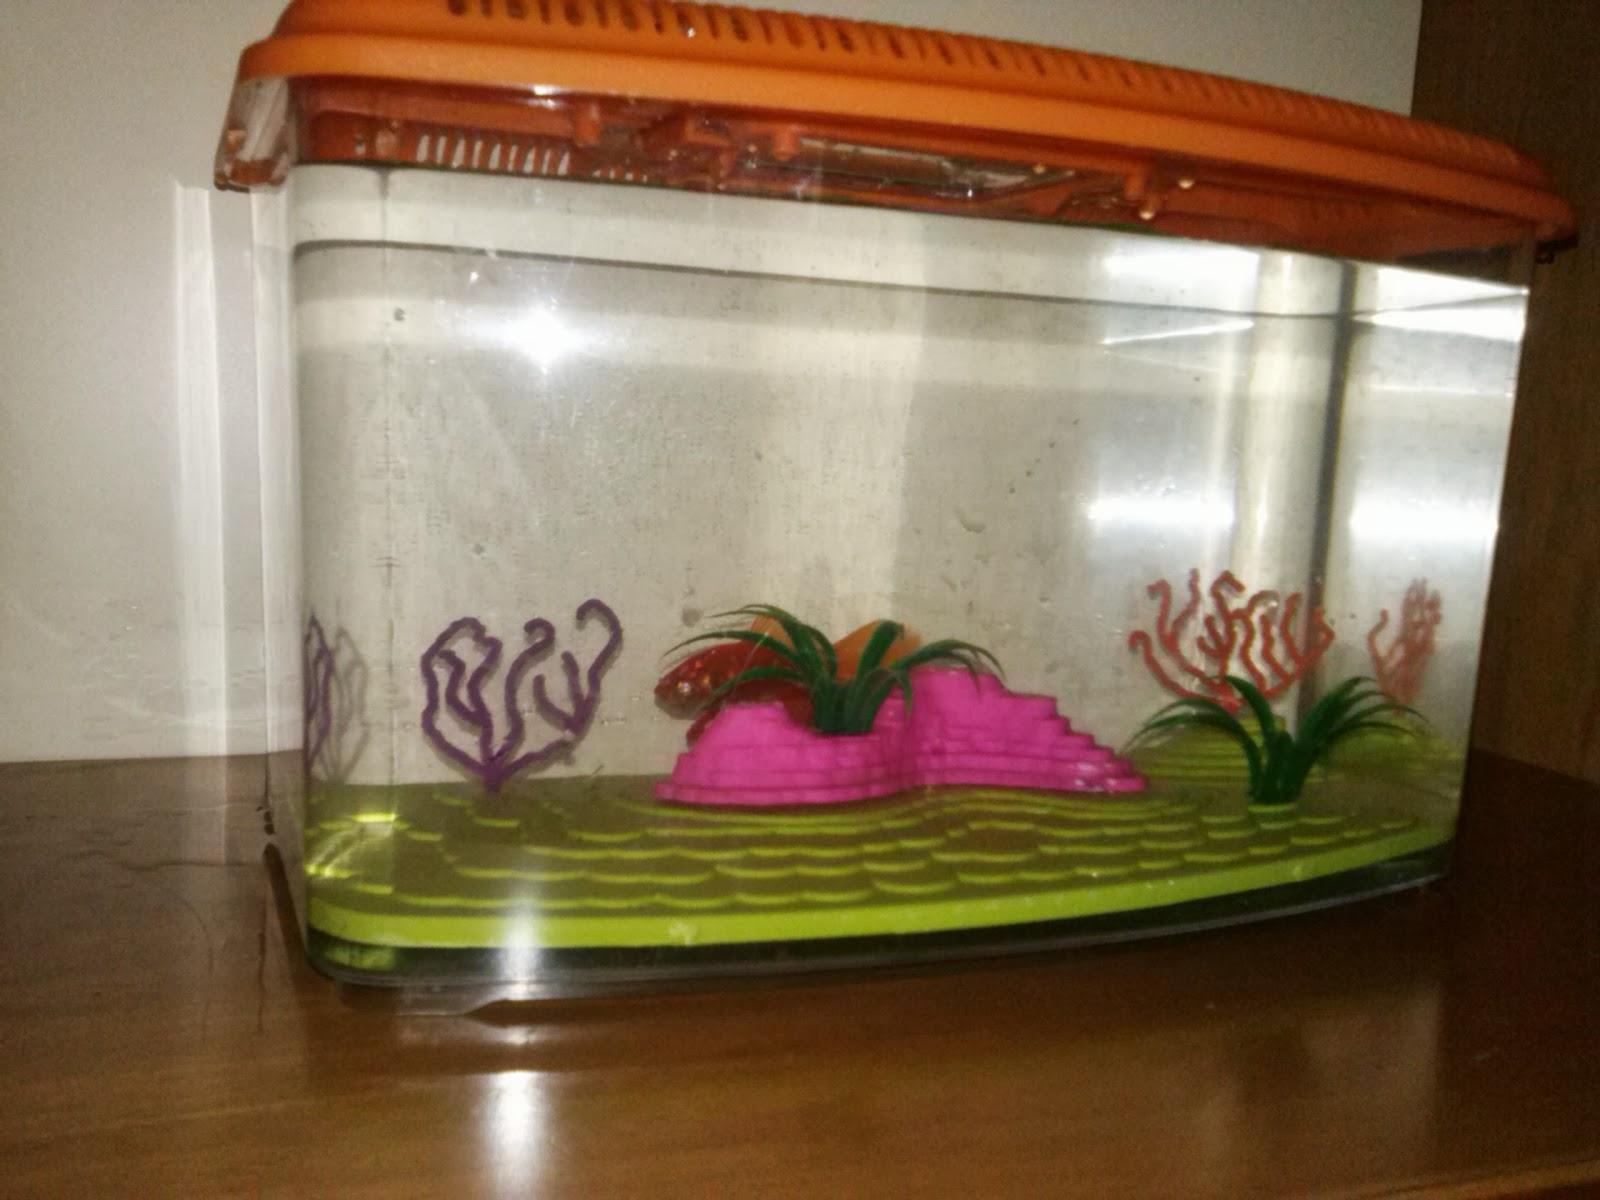 barabao: come allestire un acquario per pesci rossi - Allestimento Acquario Dolce Con Piante Vere